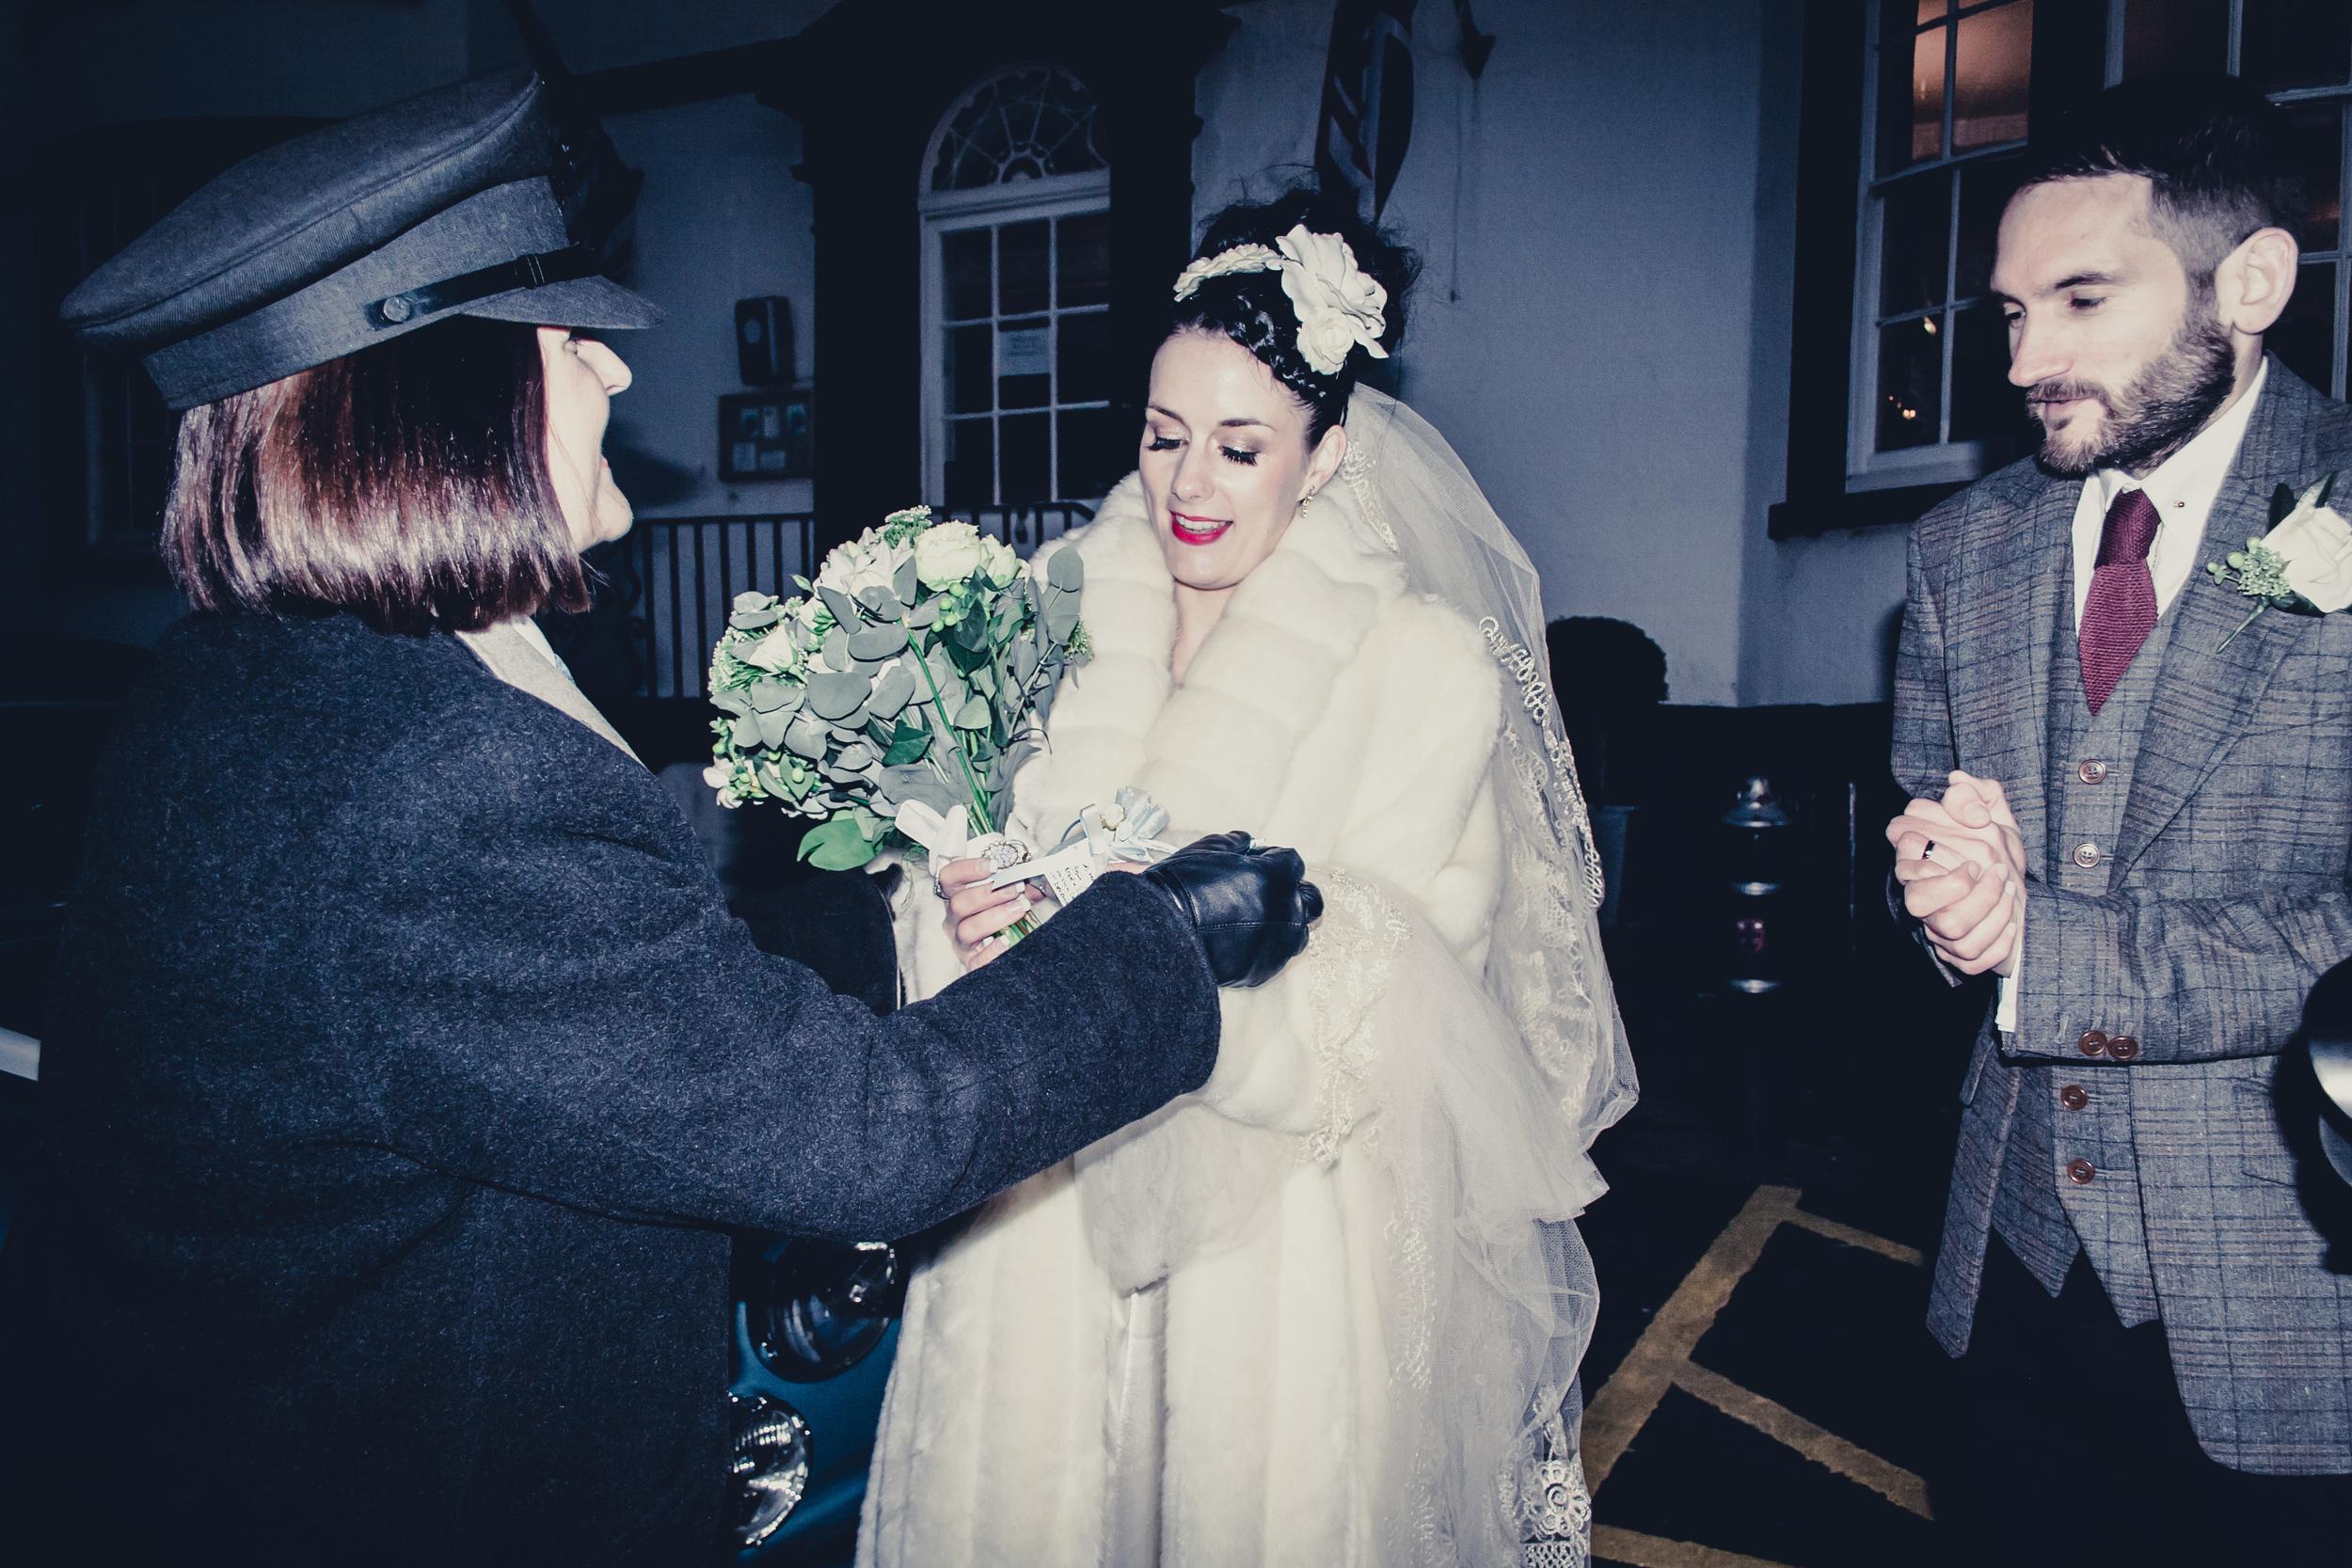 144 - Angela and Karls Wedding by www.markpugh.com -2260.jpg